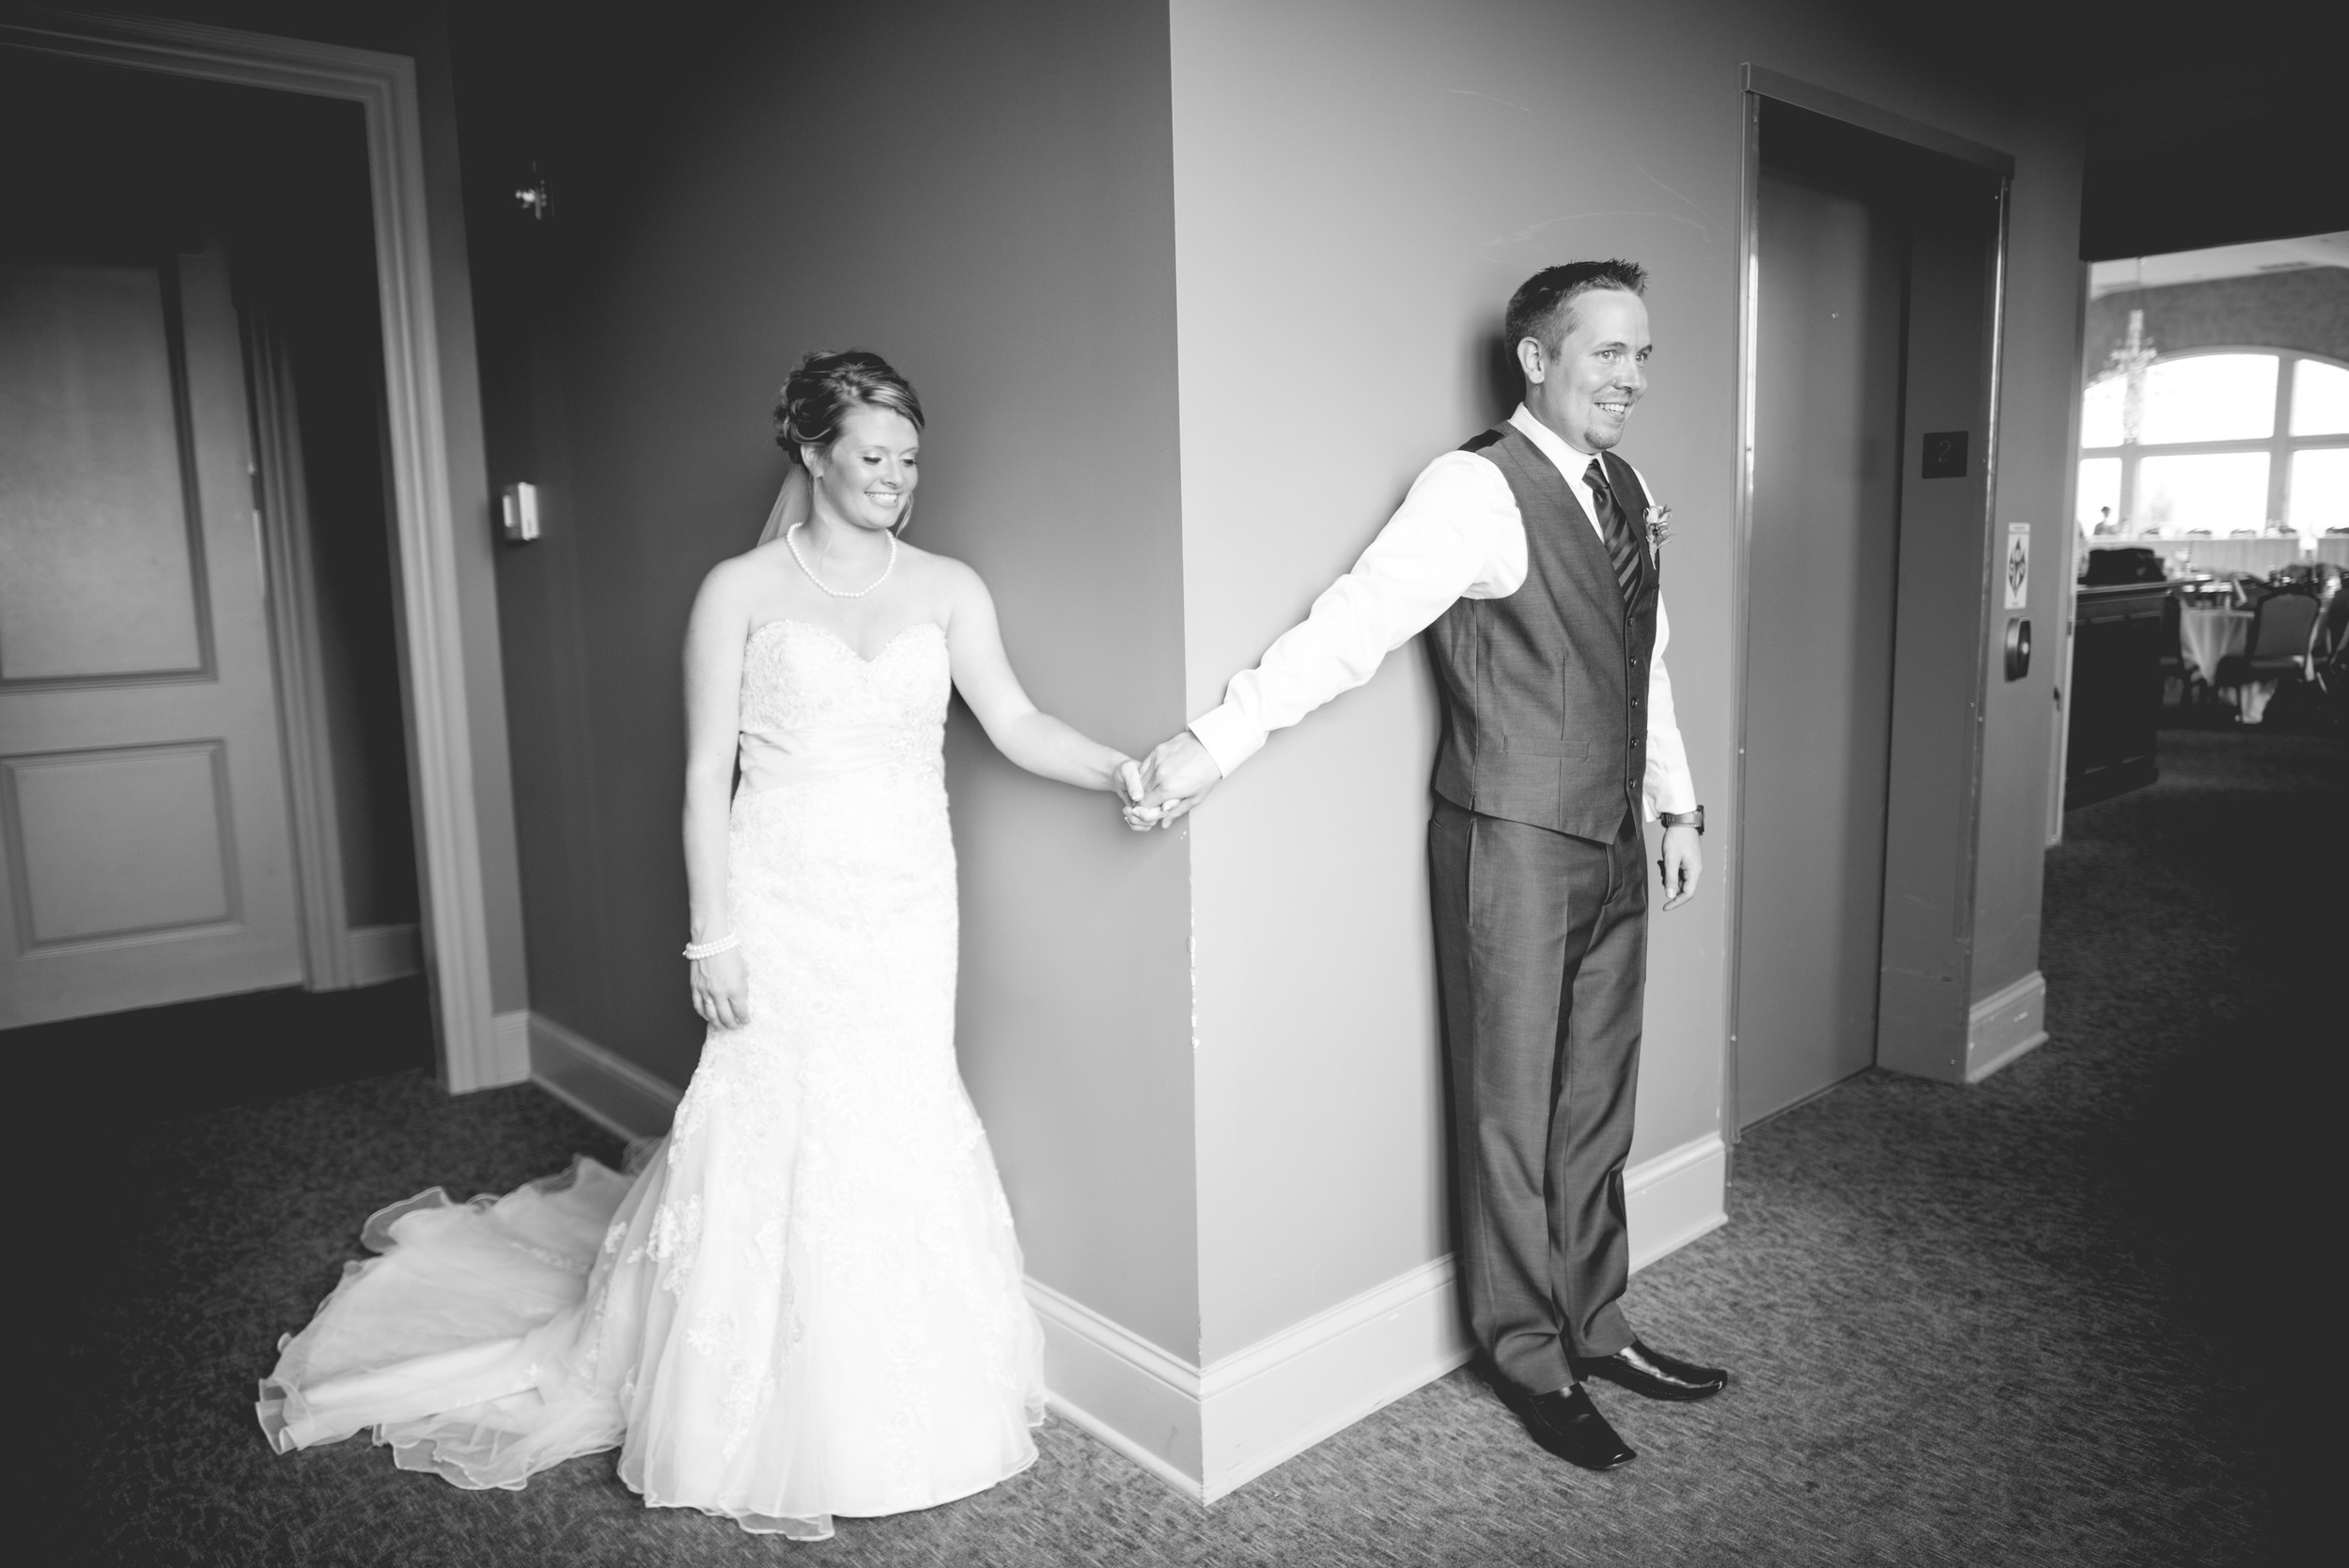 sarasutterphotography_wedding_drewanderin_2015-710.jpg